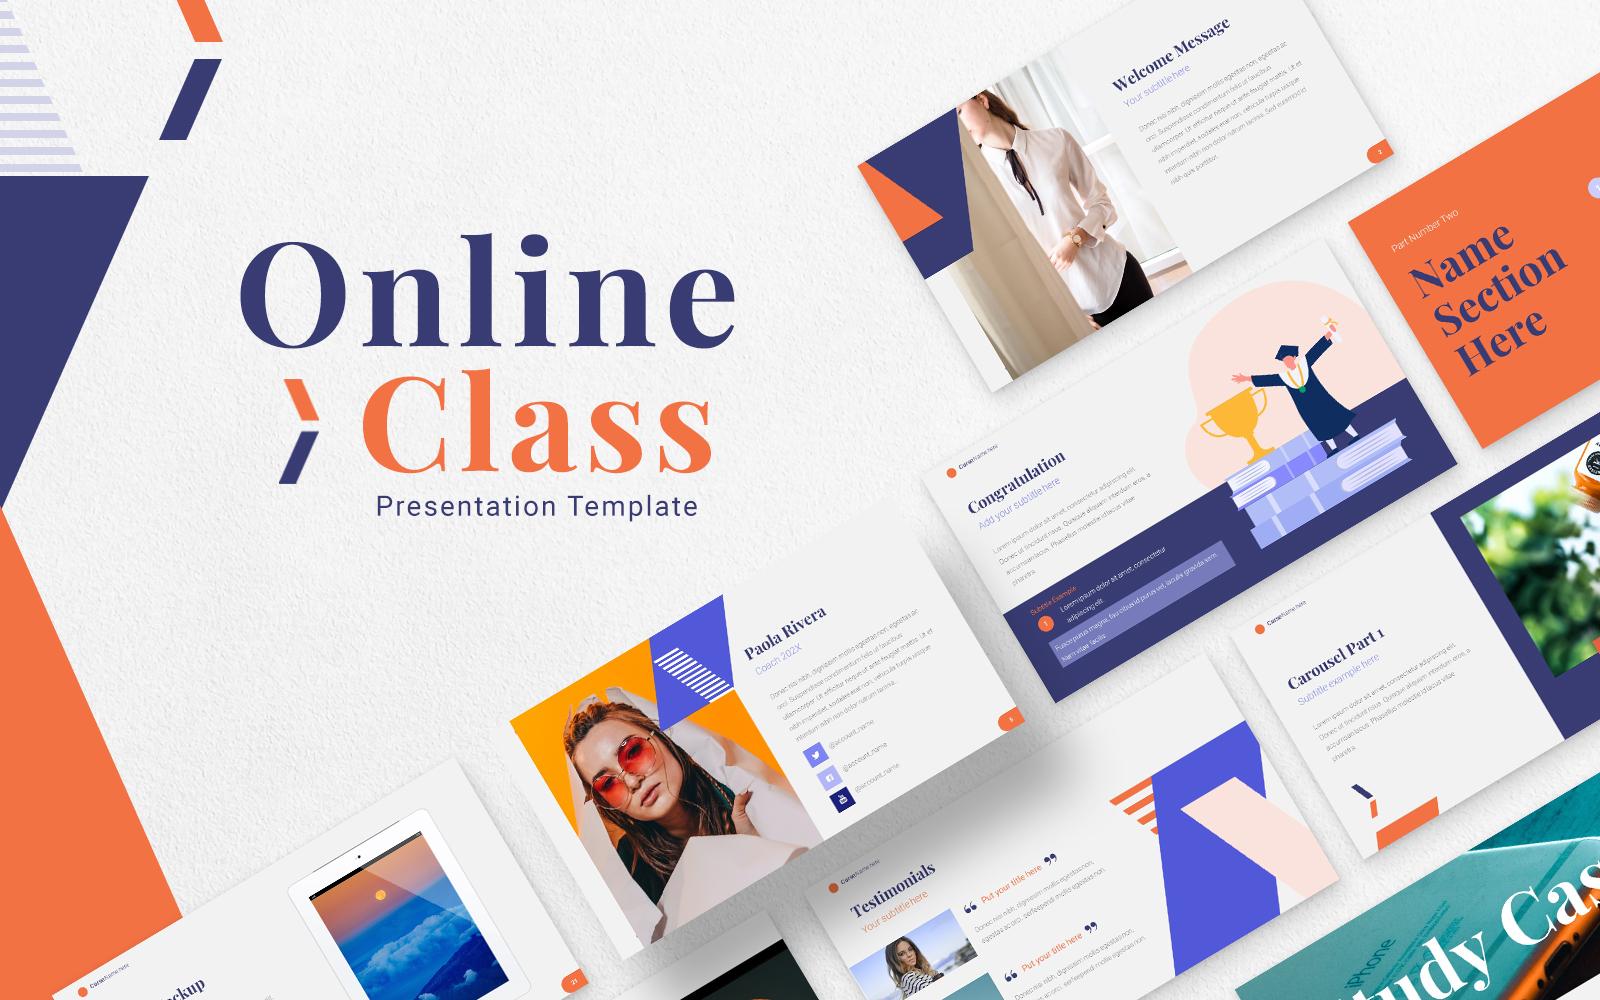 Online Class Presentation Template Google Slides #156374